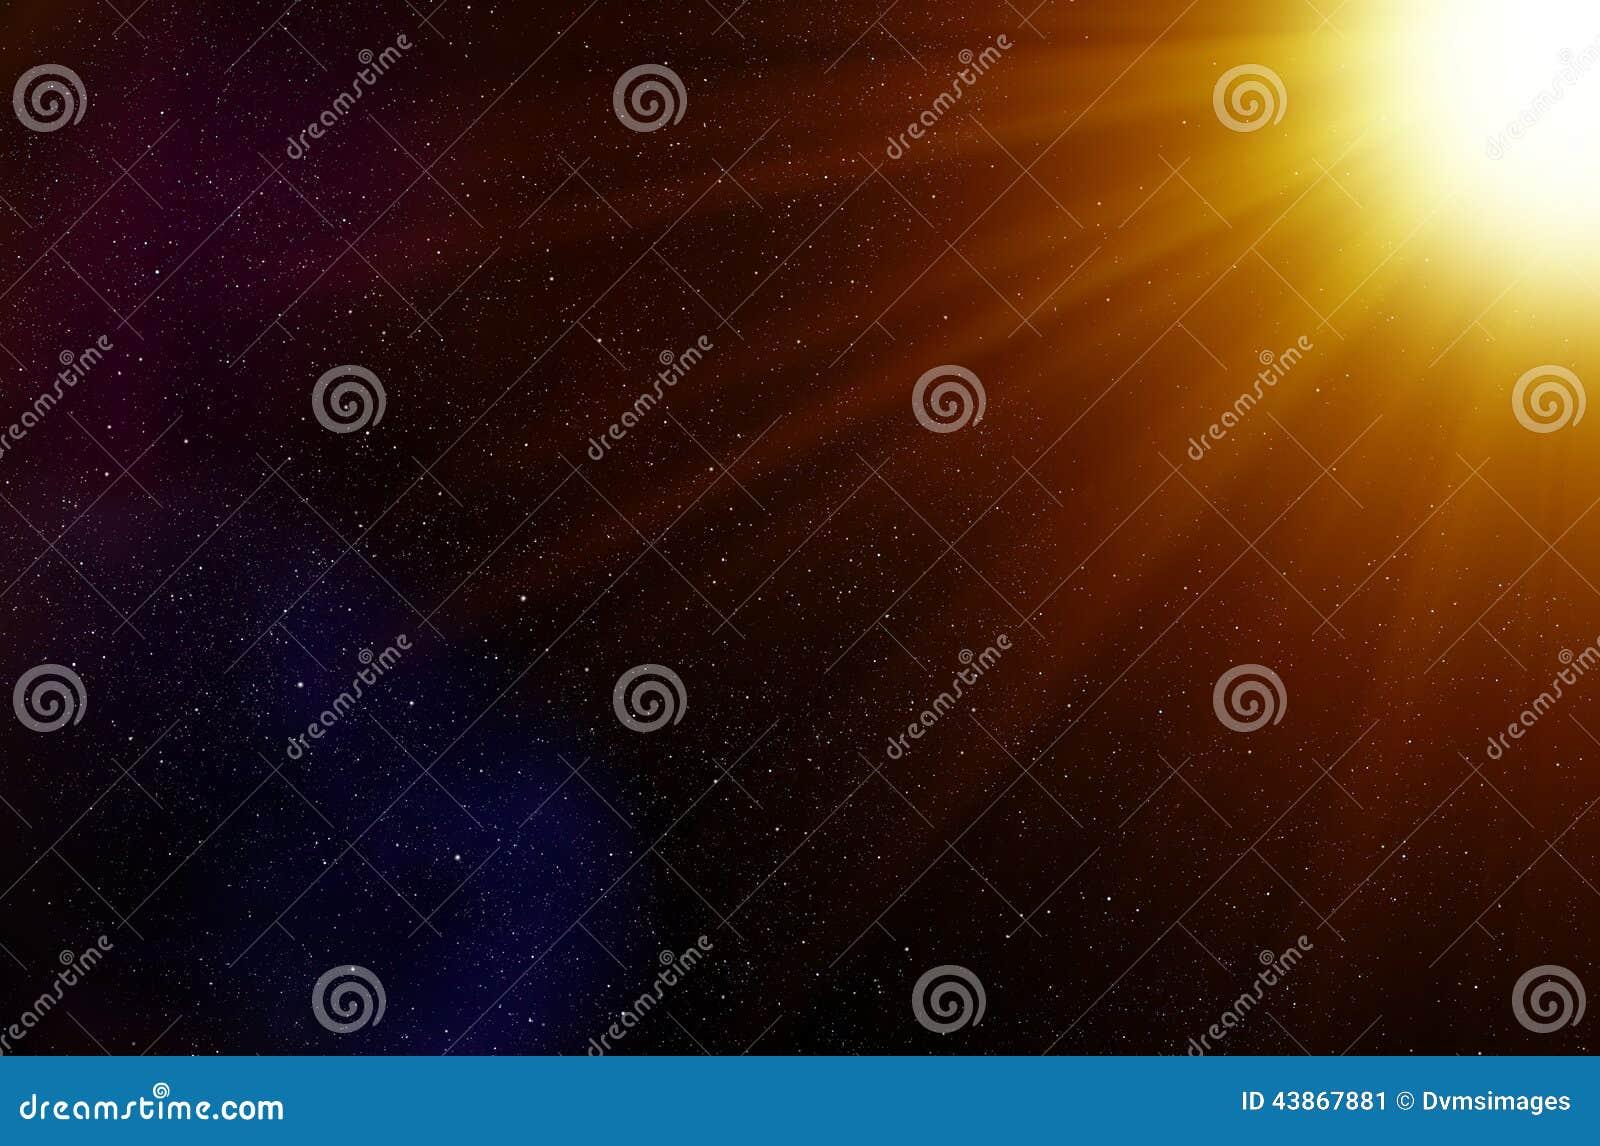 空间星和光线背景